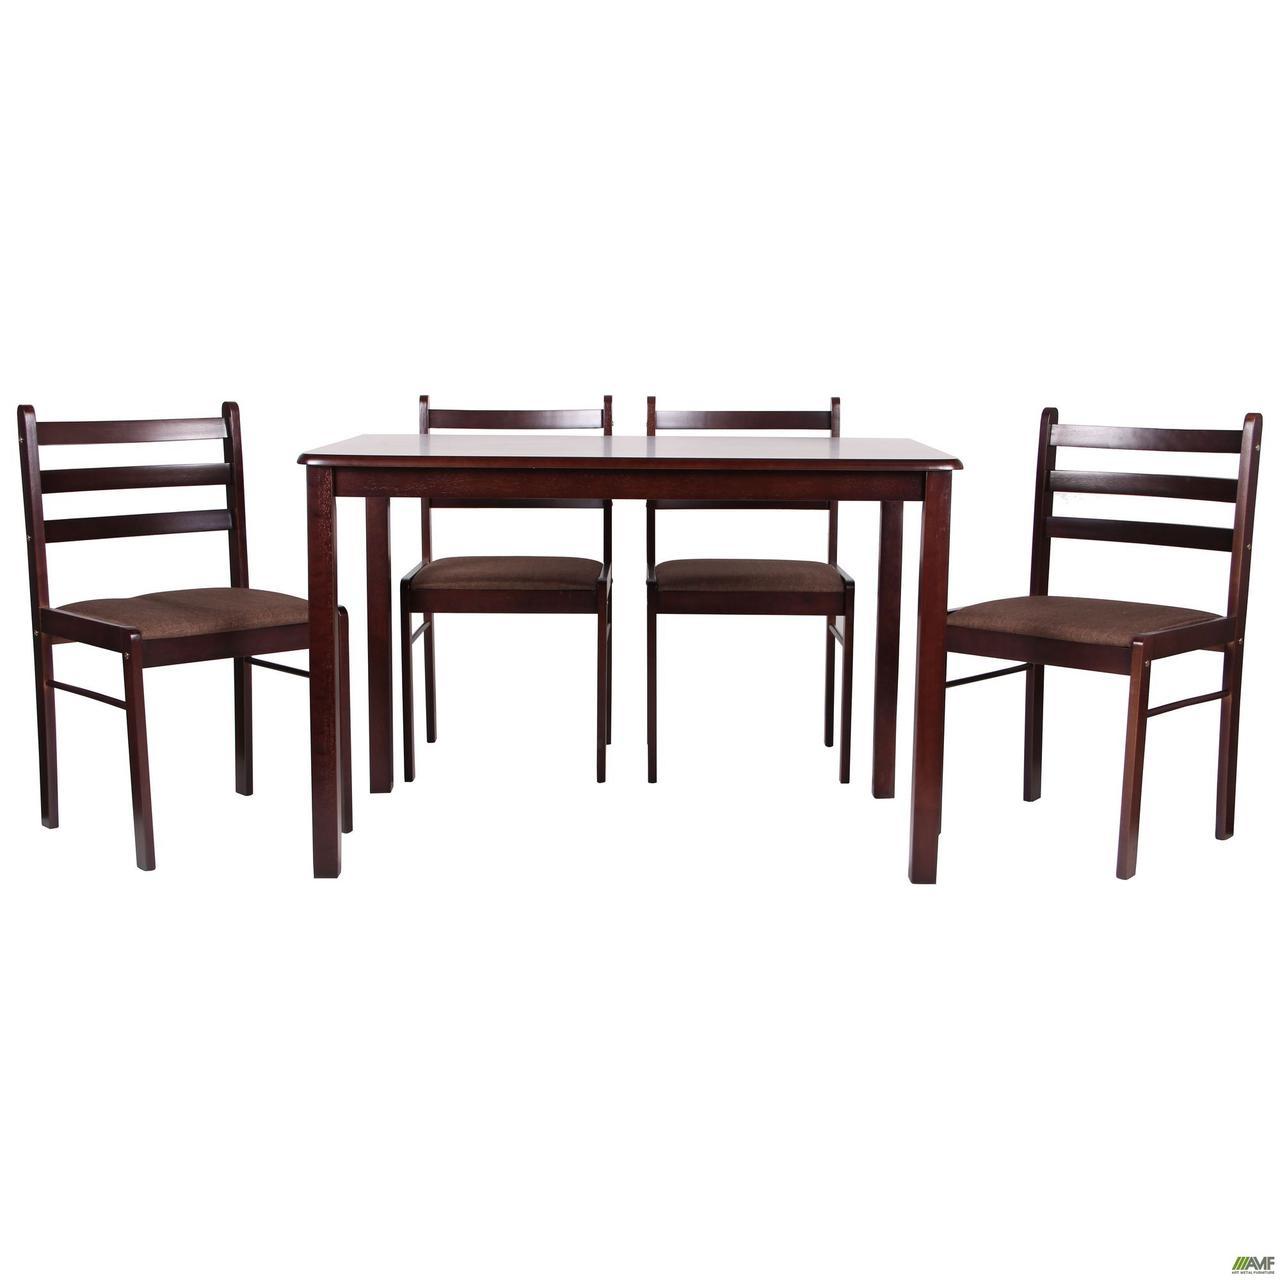 Обеденная группа Брауни темный шоколад эспрессо, стол и 4 стула